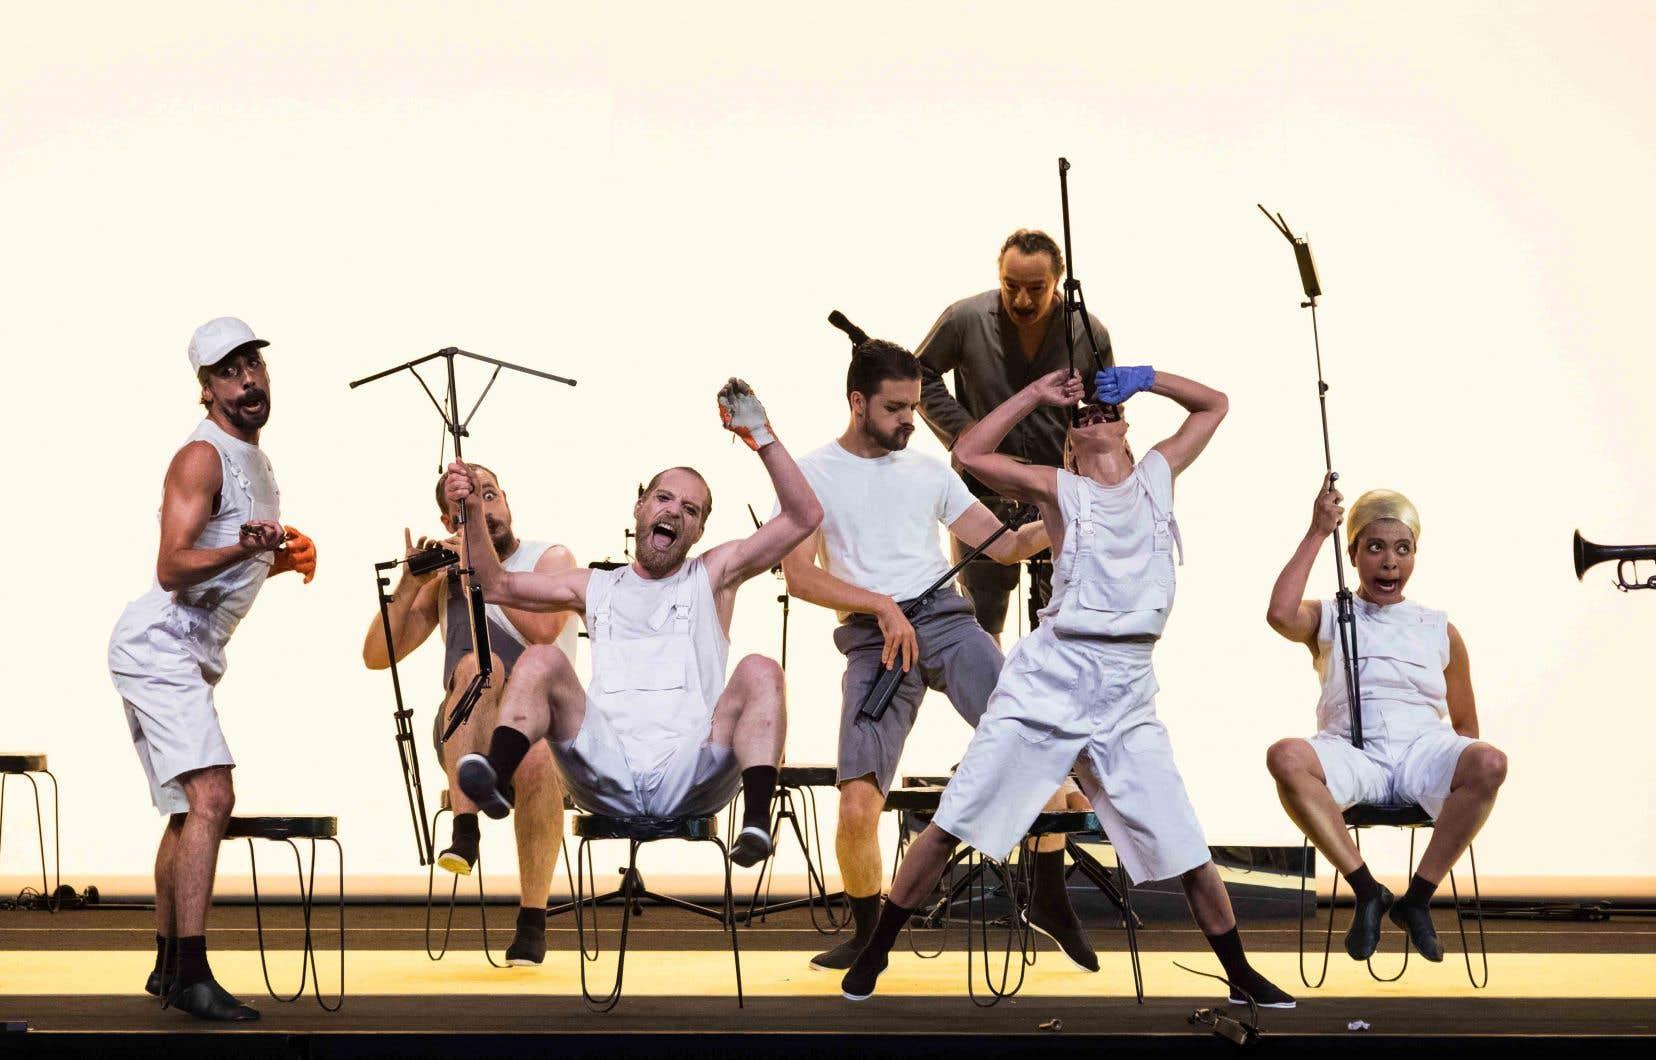 Les spectateurs sont accueillis par des trompettes qui se révéleront moqueuses, bavardes et assourdissantes, fanfare du tonnerre qui viendra surligner en sons burlesques le grotesque incarné par huit danseurs dont les faciès se déforment par gradation.